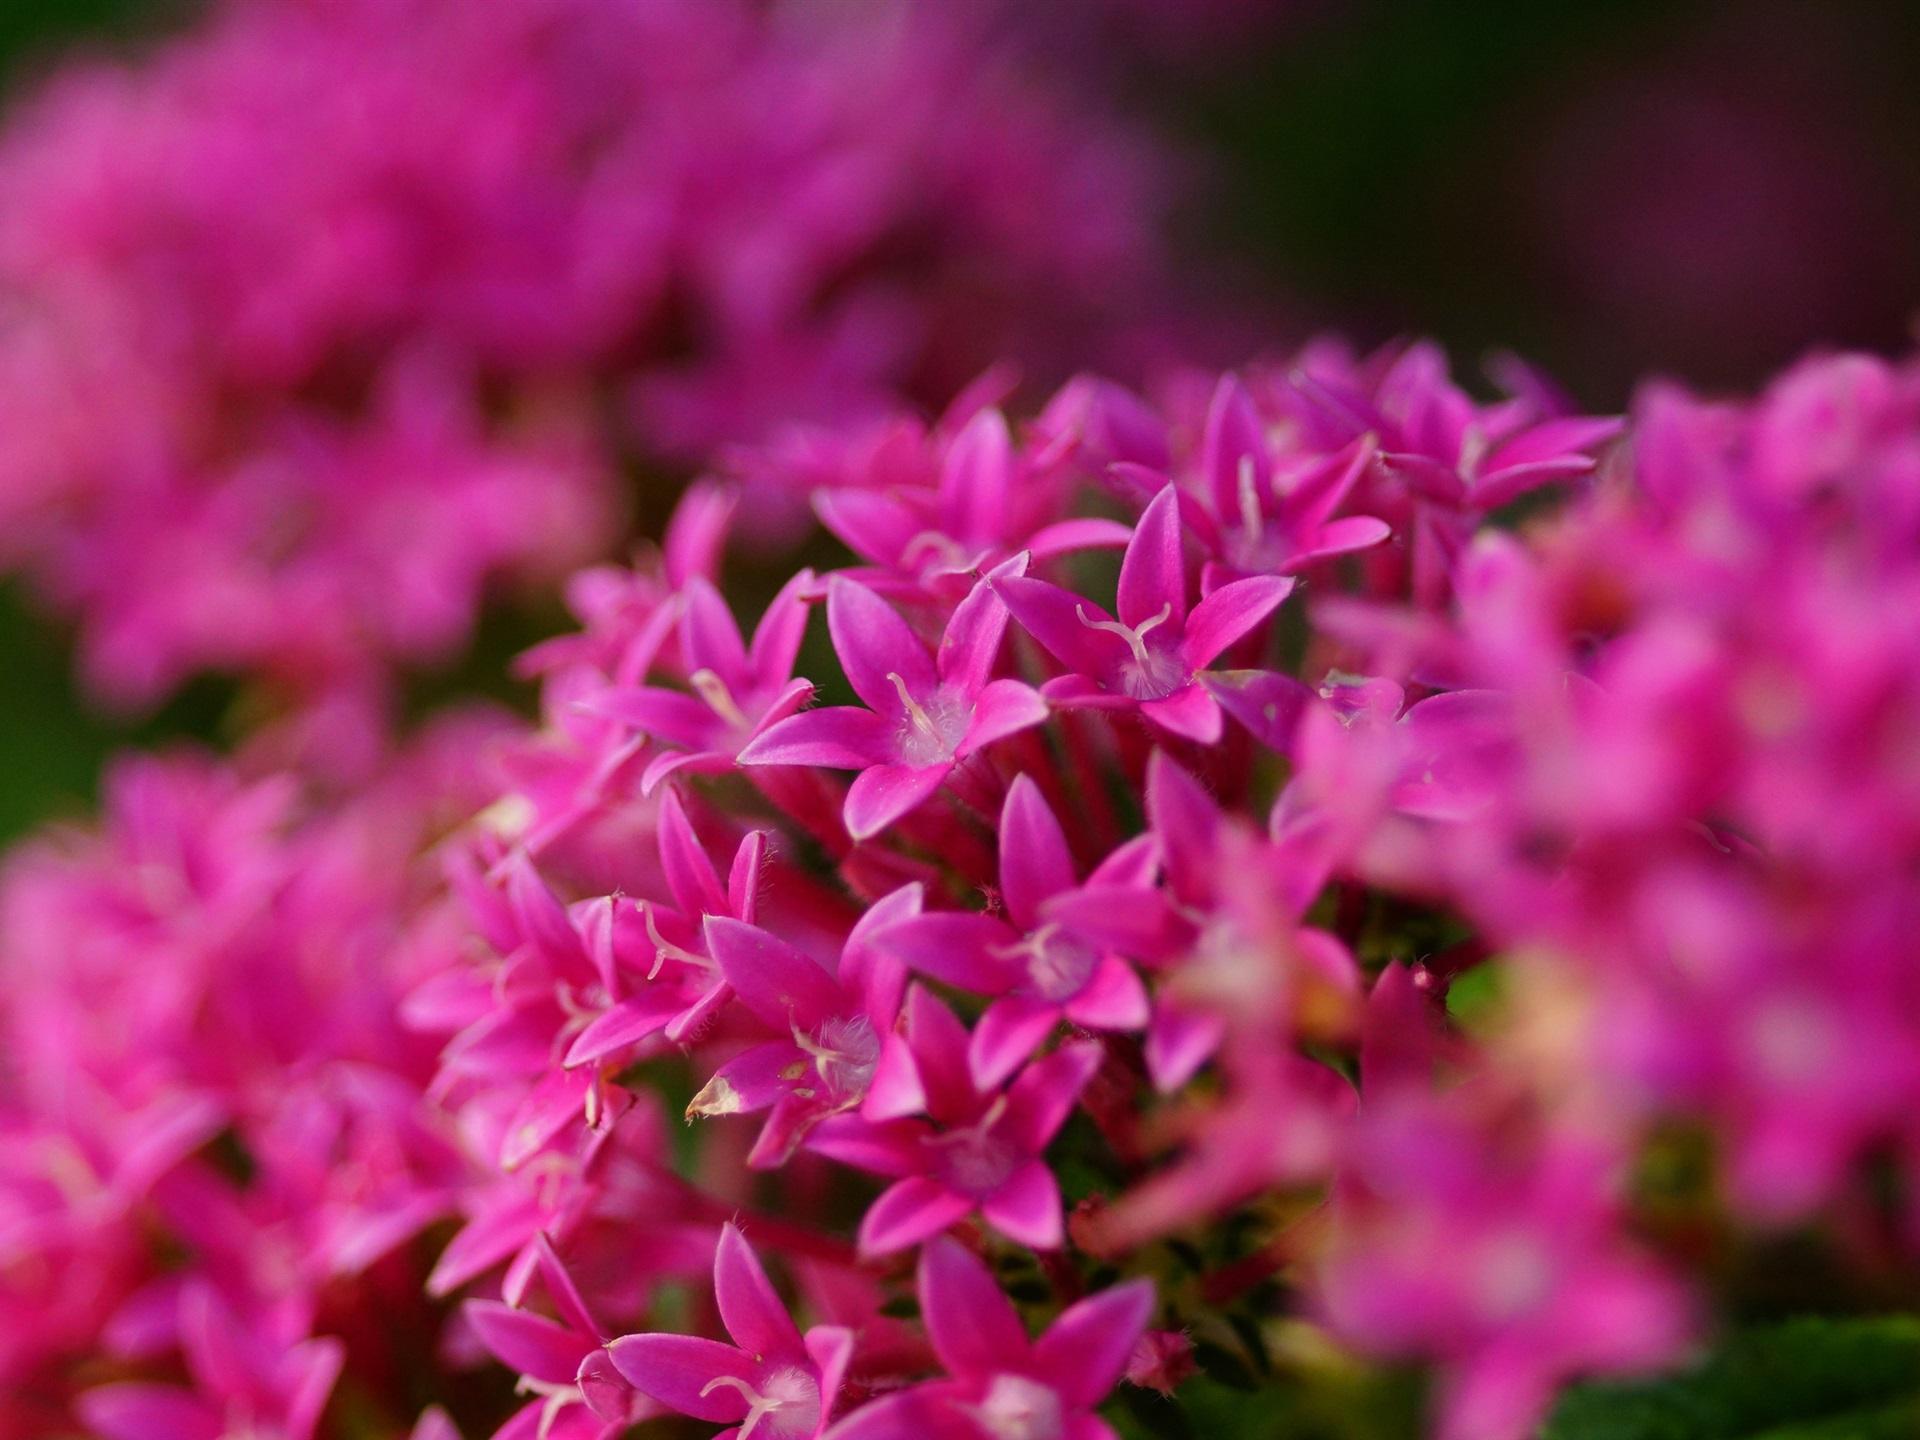 16 Luxury Pubg Wallpaper Iphone 6: 壁紙 Pentasツルニンジン、ピンクの花 2560x1600 HD 無料の